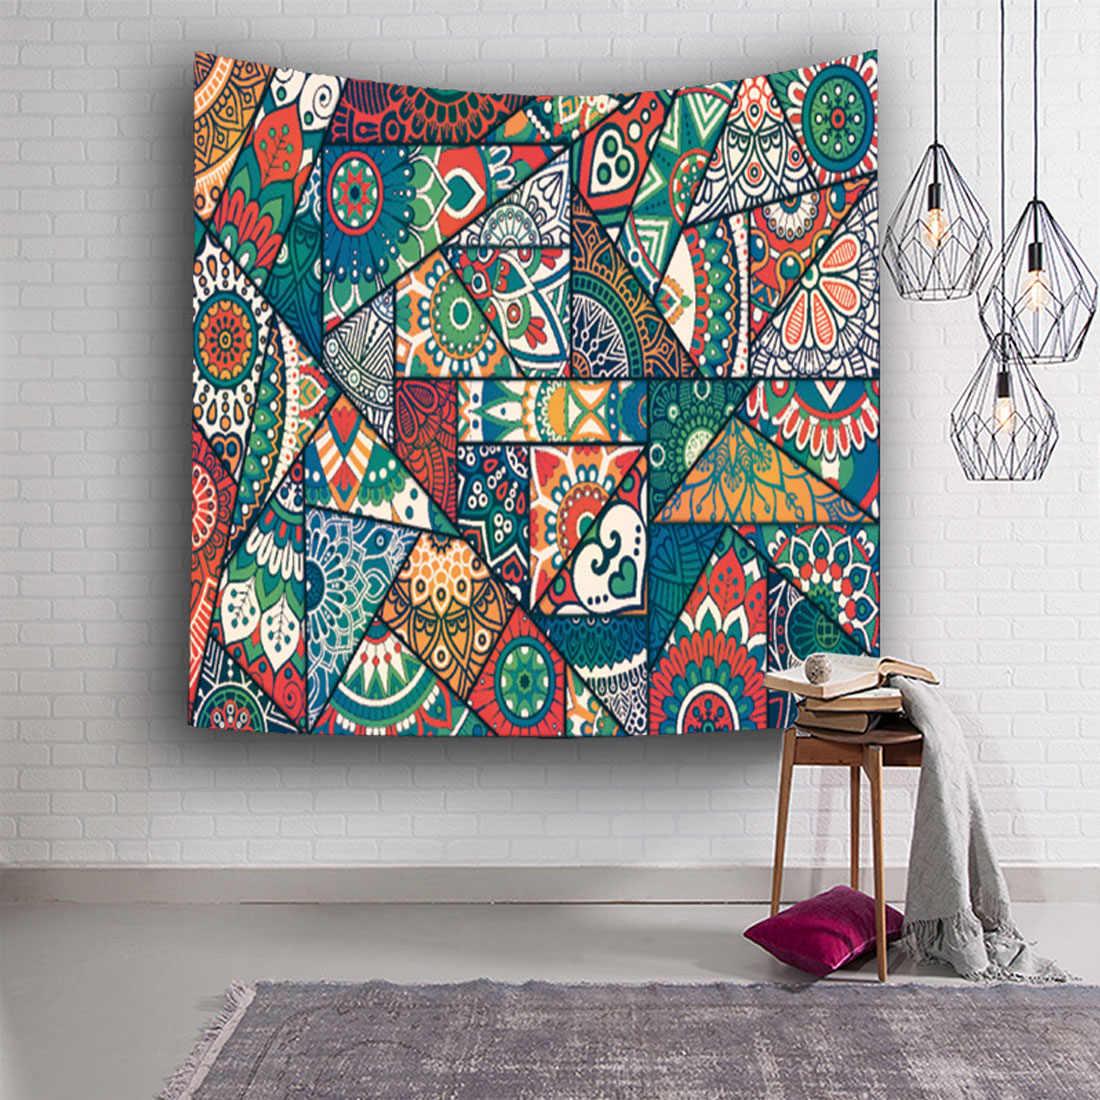 203x150 см цветной гобелен с геометрическим принтом Мандала в богемном стиле гобелен настенный Декор хиппи гобеленовое пляжное полотенце